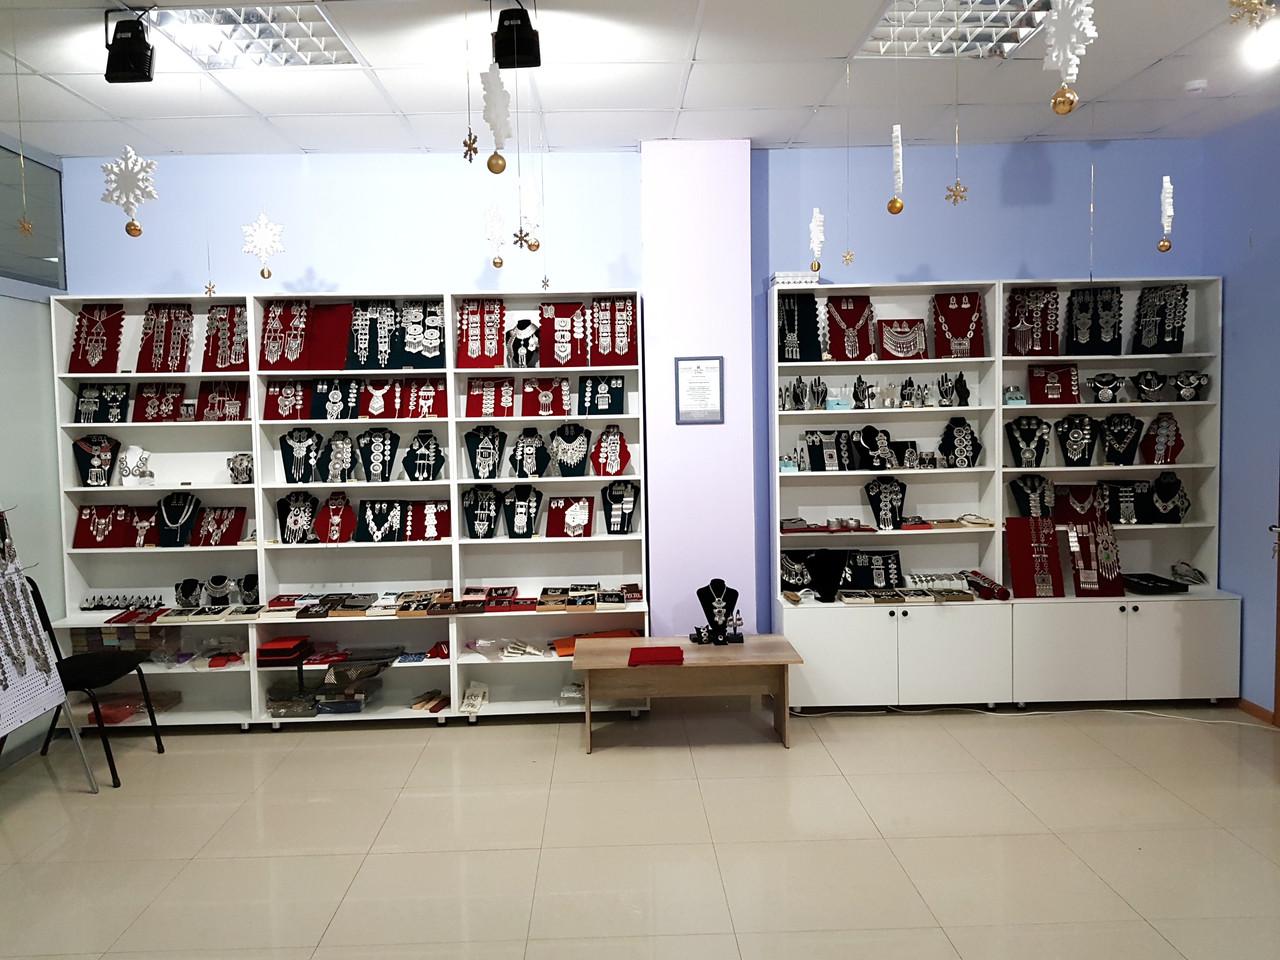 Продам или обменяю действующий бизнес в Астане - фото 3